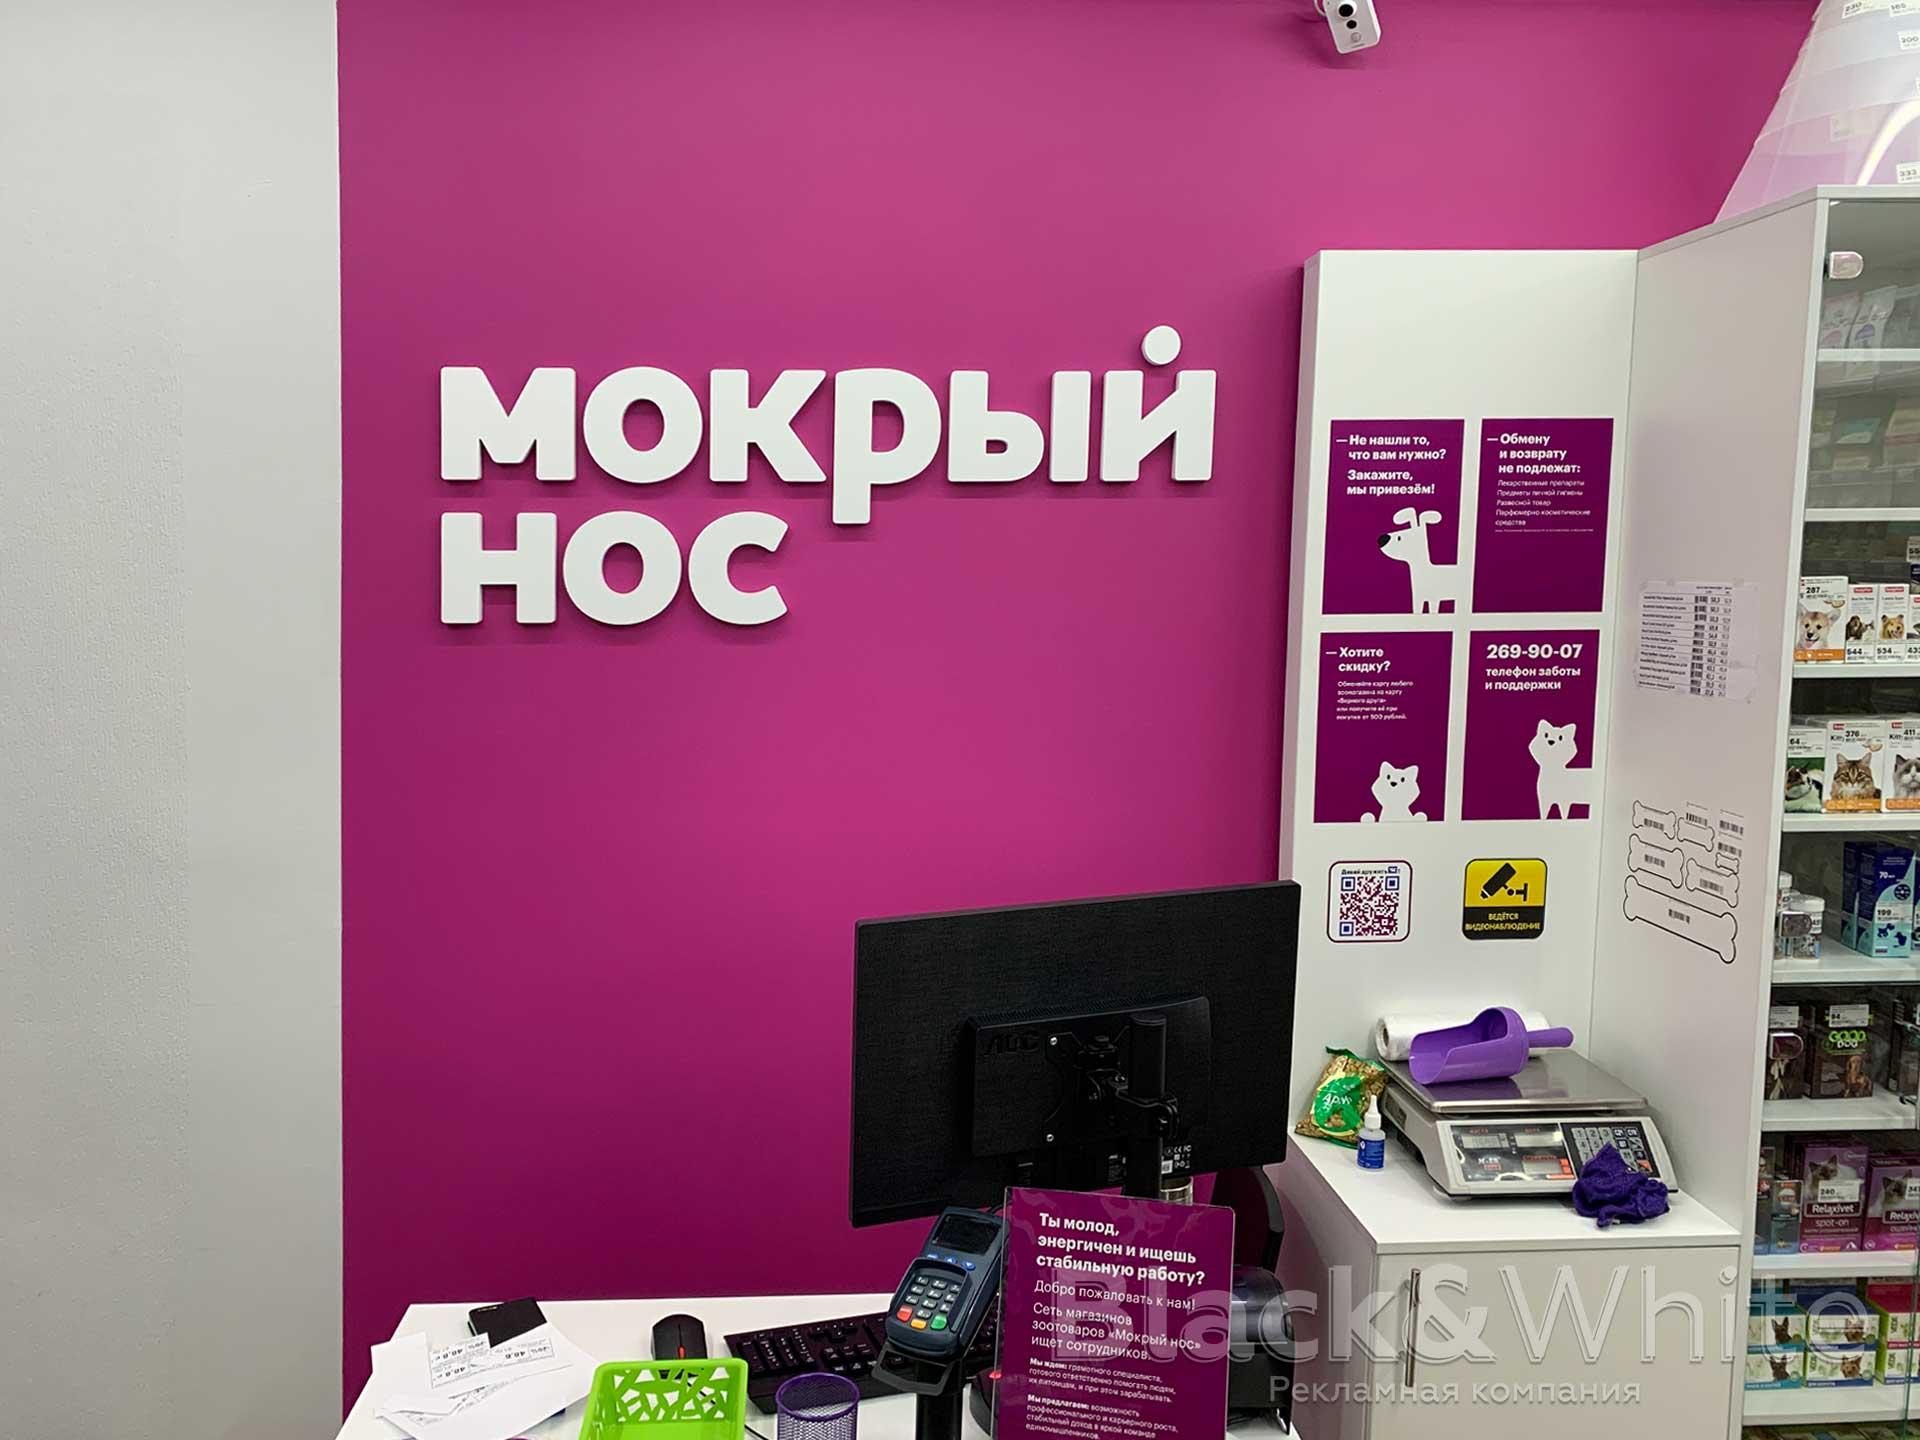 плоские-псевдообъёмные-буквы-из-ПВХ-20мм-логотип-на-стену-ресетшина.jpg